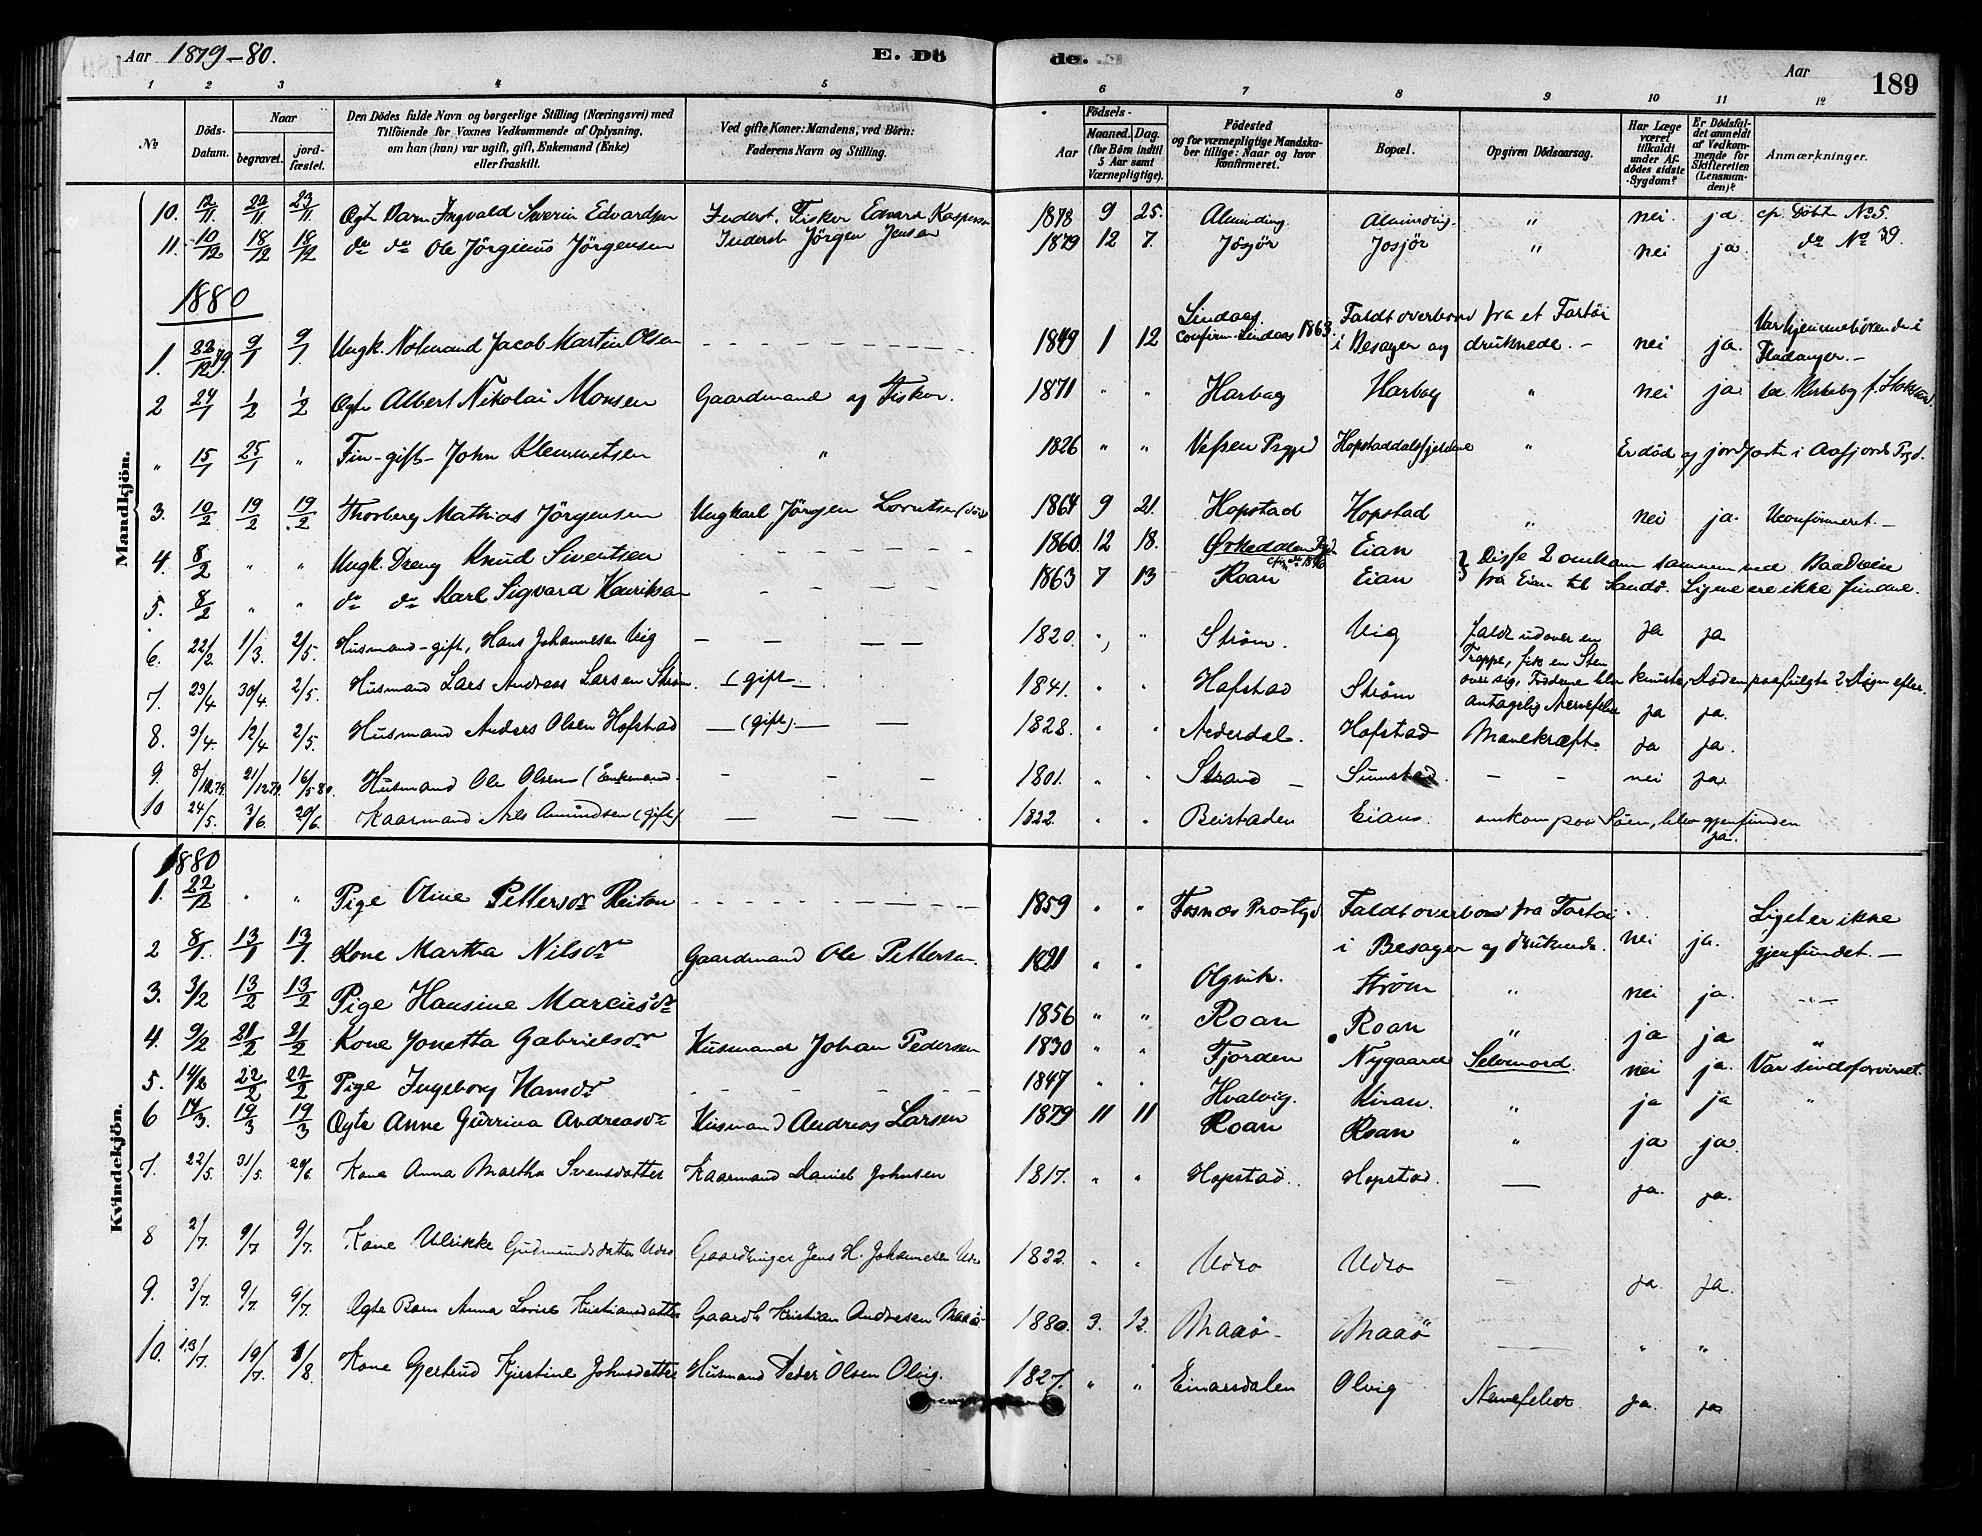 SAT, Ministerialprotokoller, klokkerbøker og fødselsregistre - Sør-Trøndelag, 657/L0707: Ministerialbok nr. 657A08, 1879-1893, s. 189